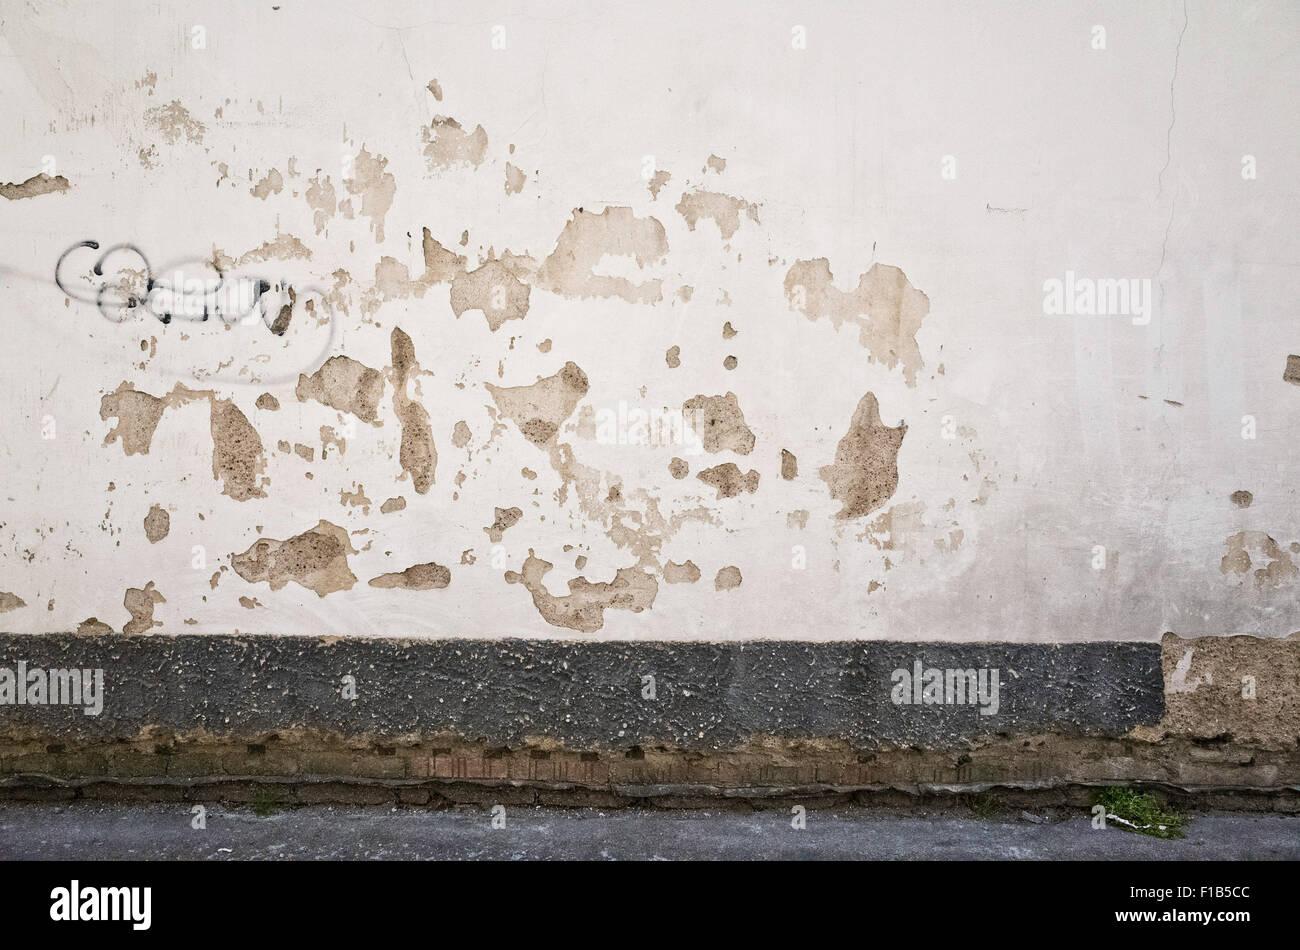 Angosciata e parete danneggiata Immagini Stock